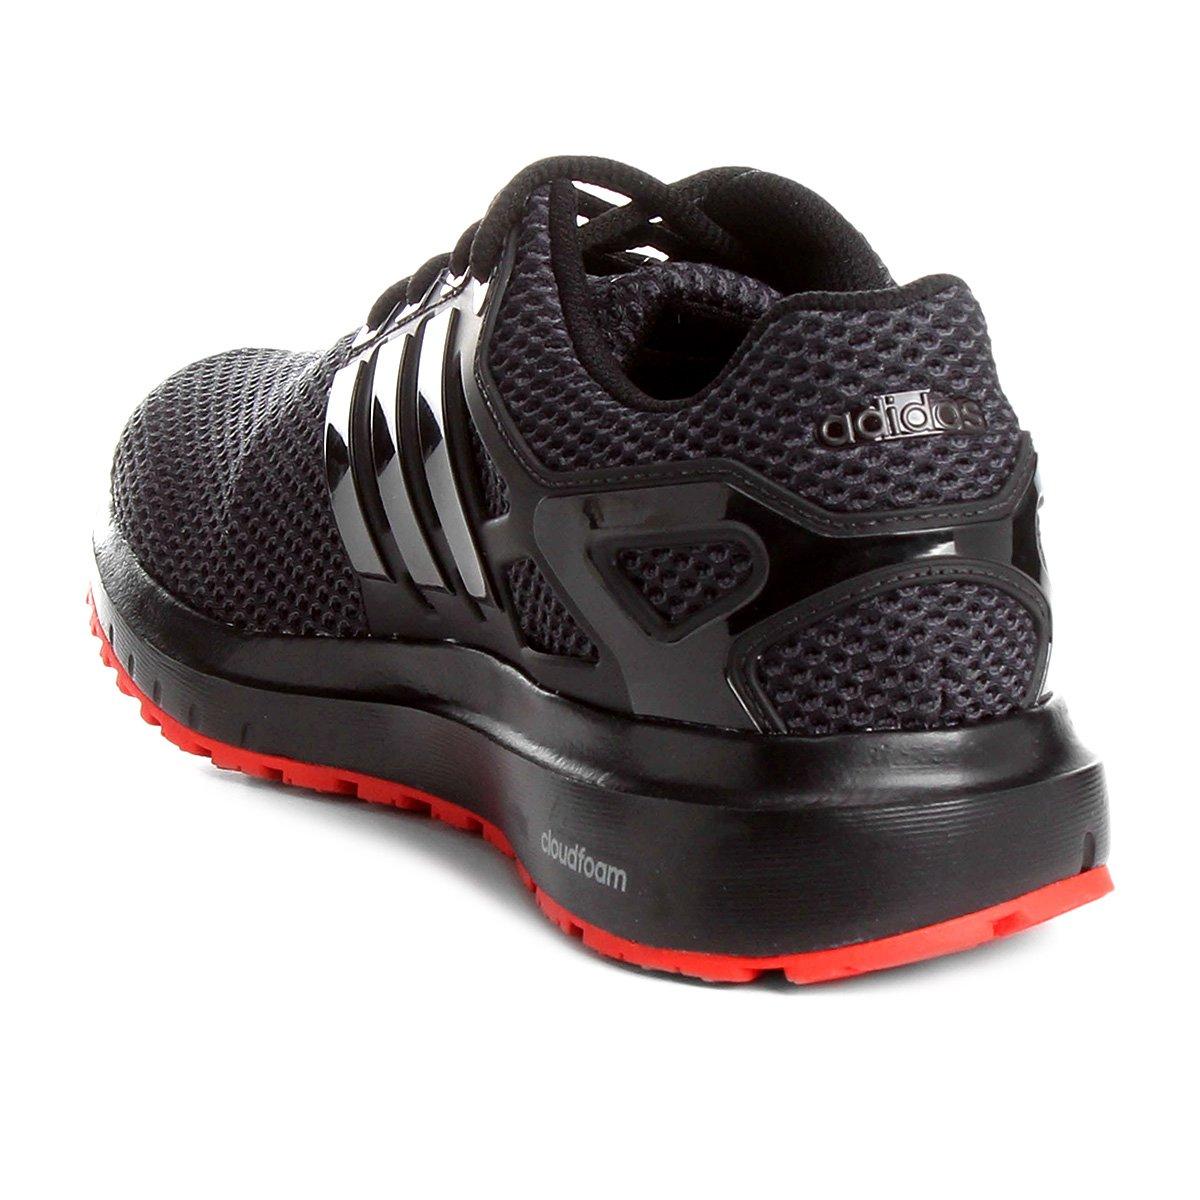 Tênis Adidas Energy Cloud Masculino - Preto e Vermelho - Compre ... d0a0b97bb7296